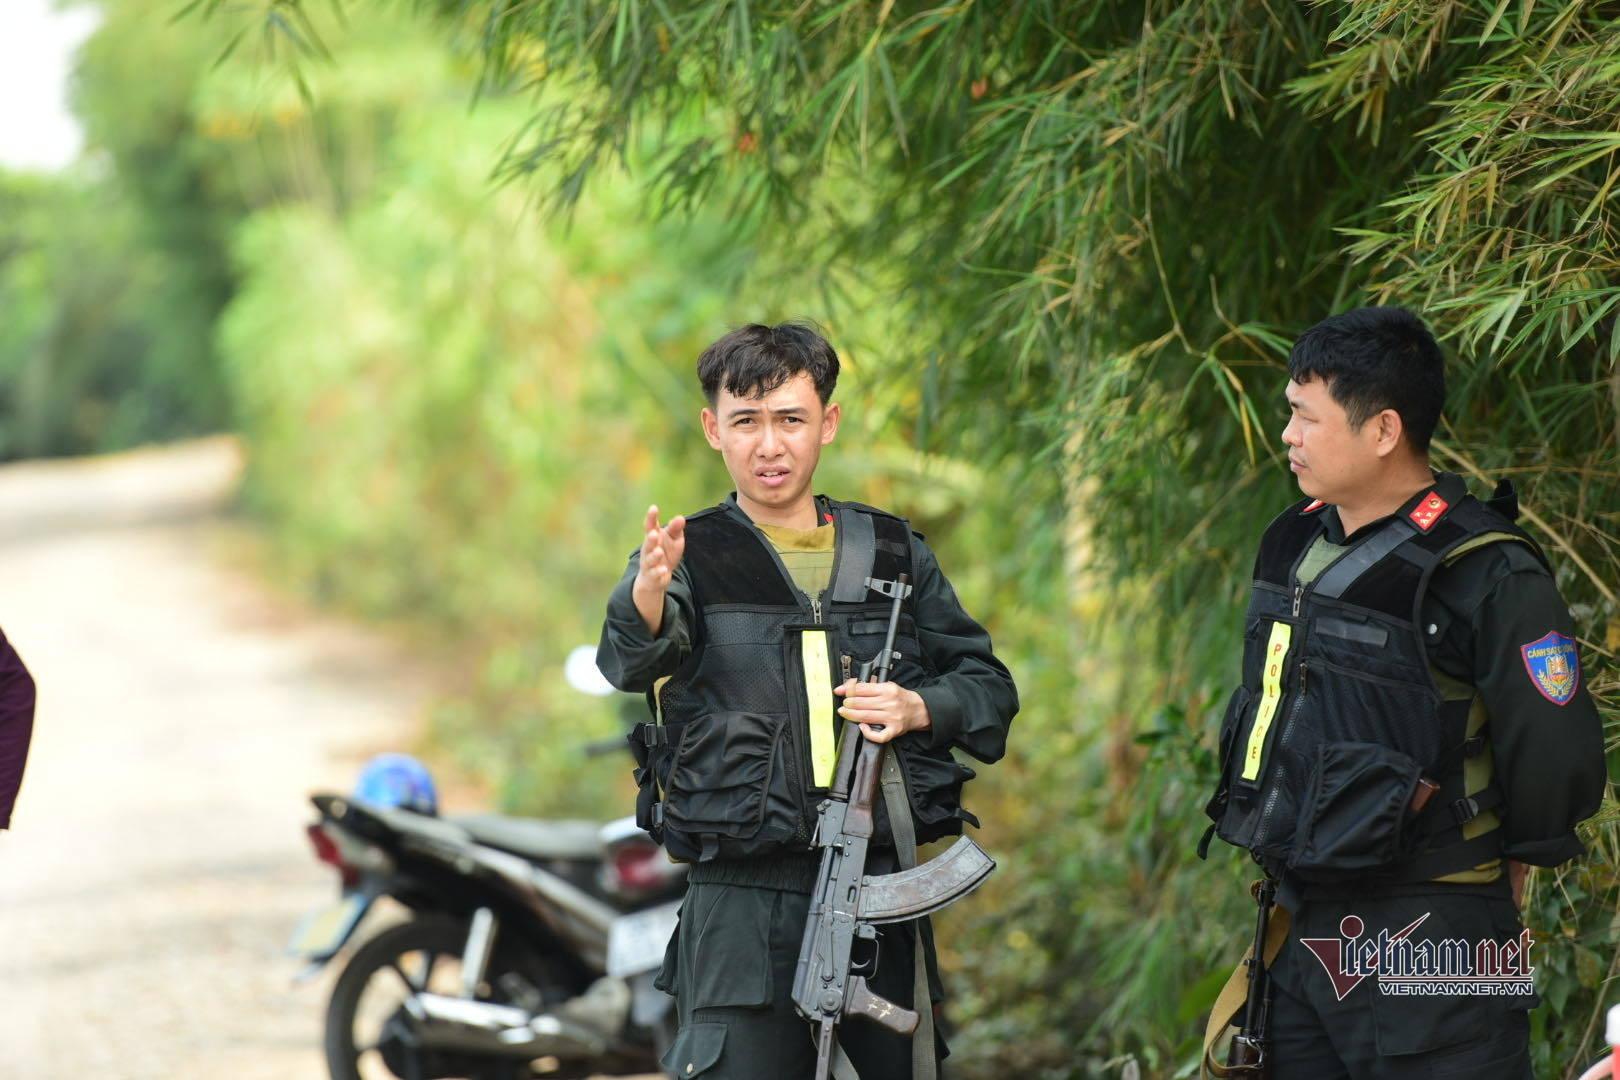 Tiếp tục truy lùng, mở sang cả Tây Ninh vụ nghi can bắn chết 5 người